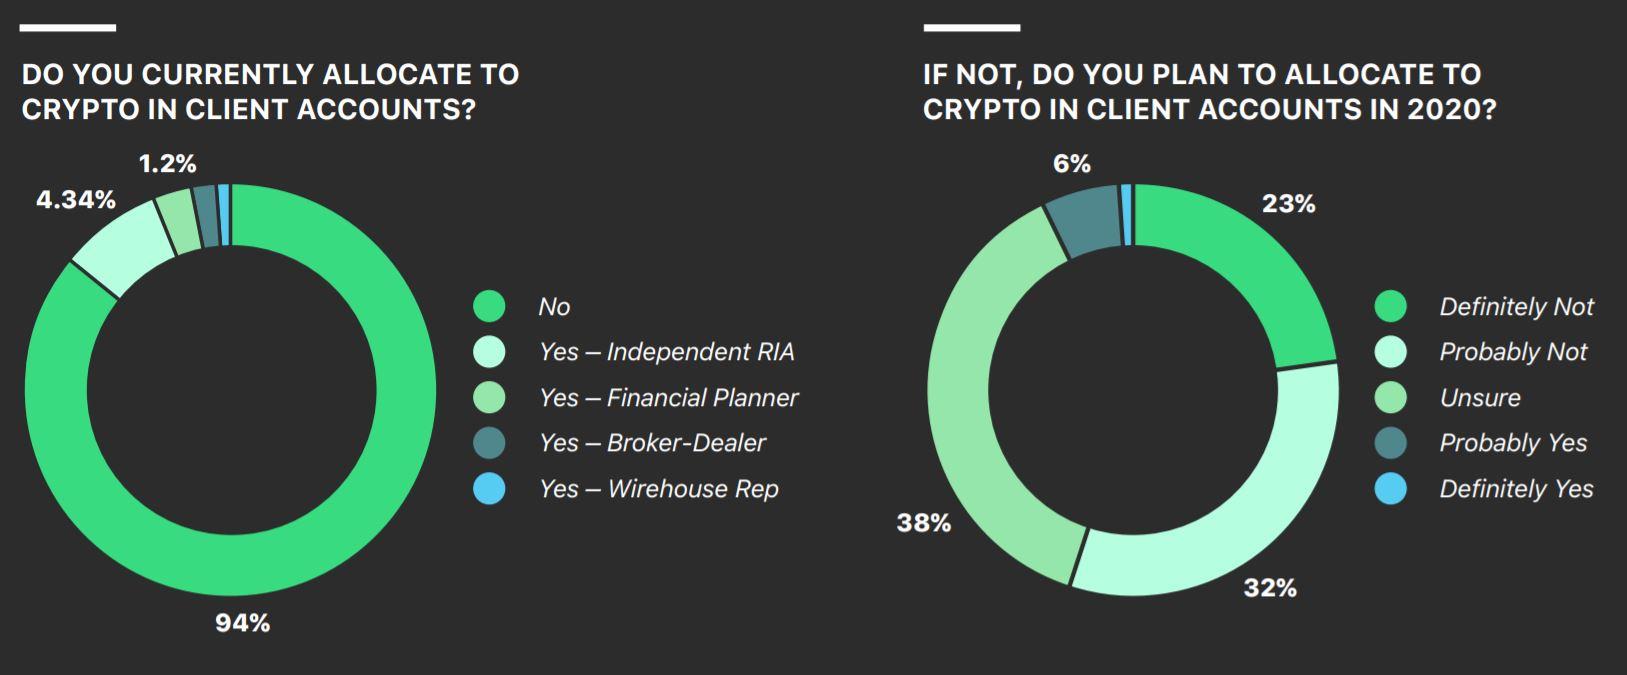 Bitcoin una herramienta de inversión; no solo un medio de intercambio: BlockFi CEO